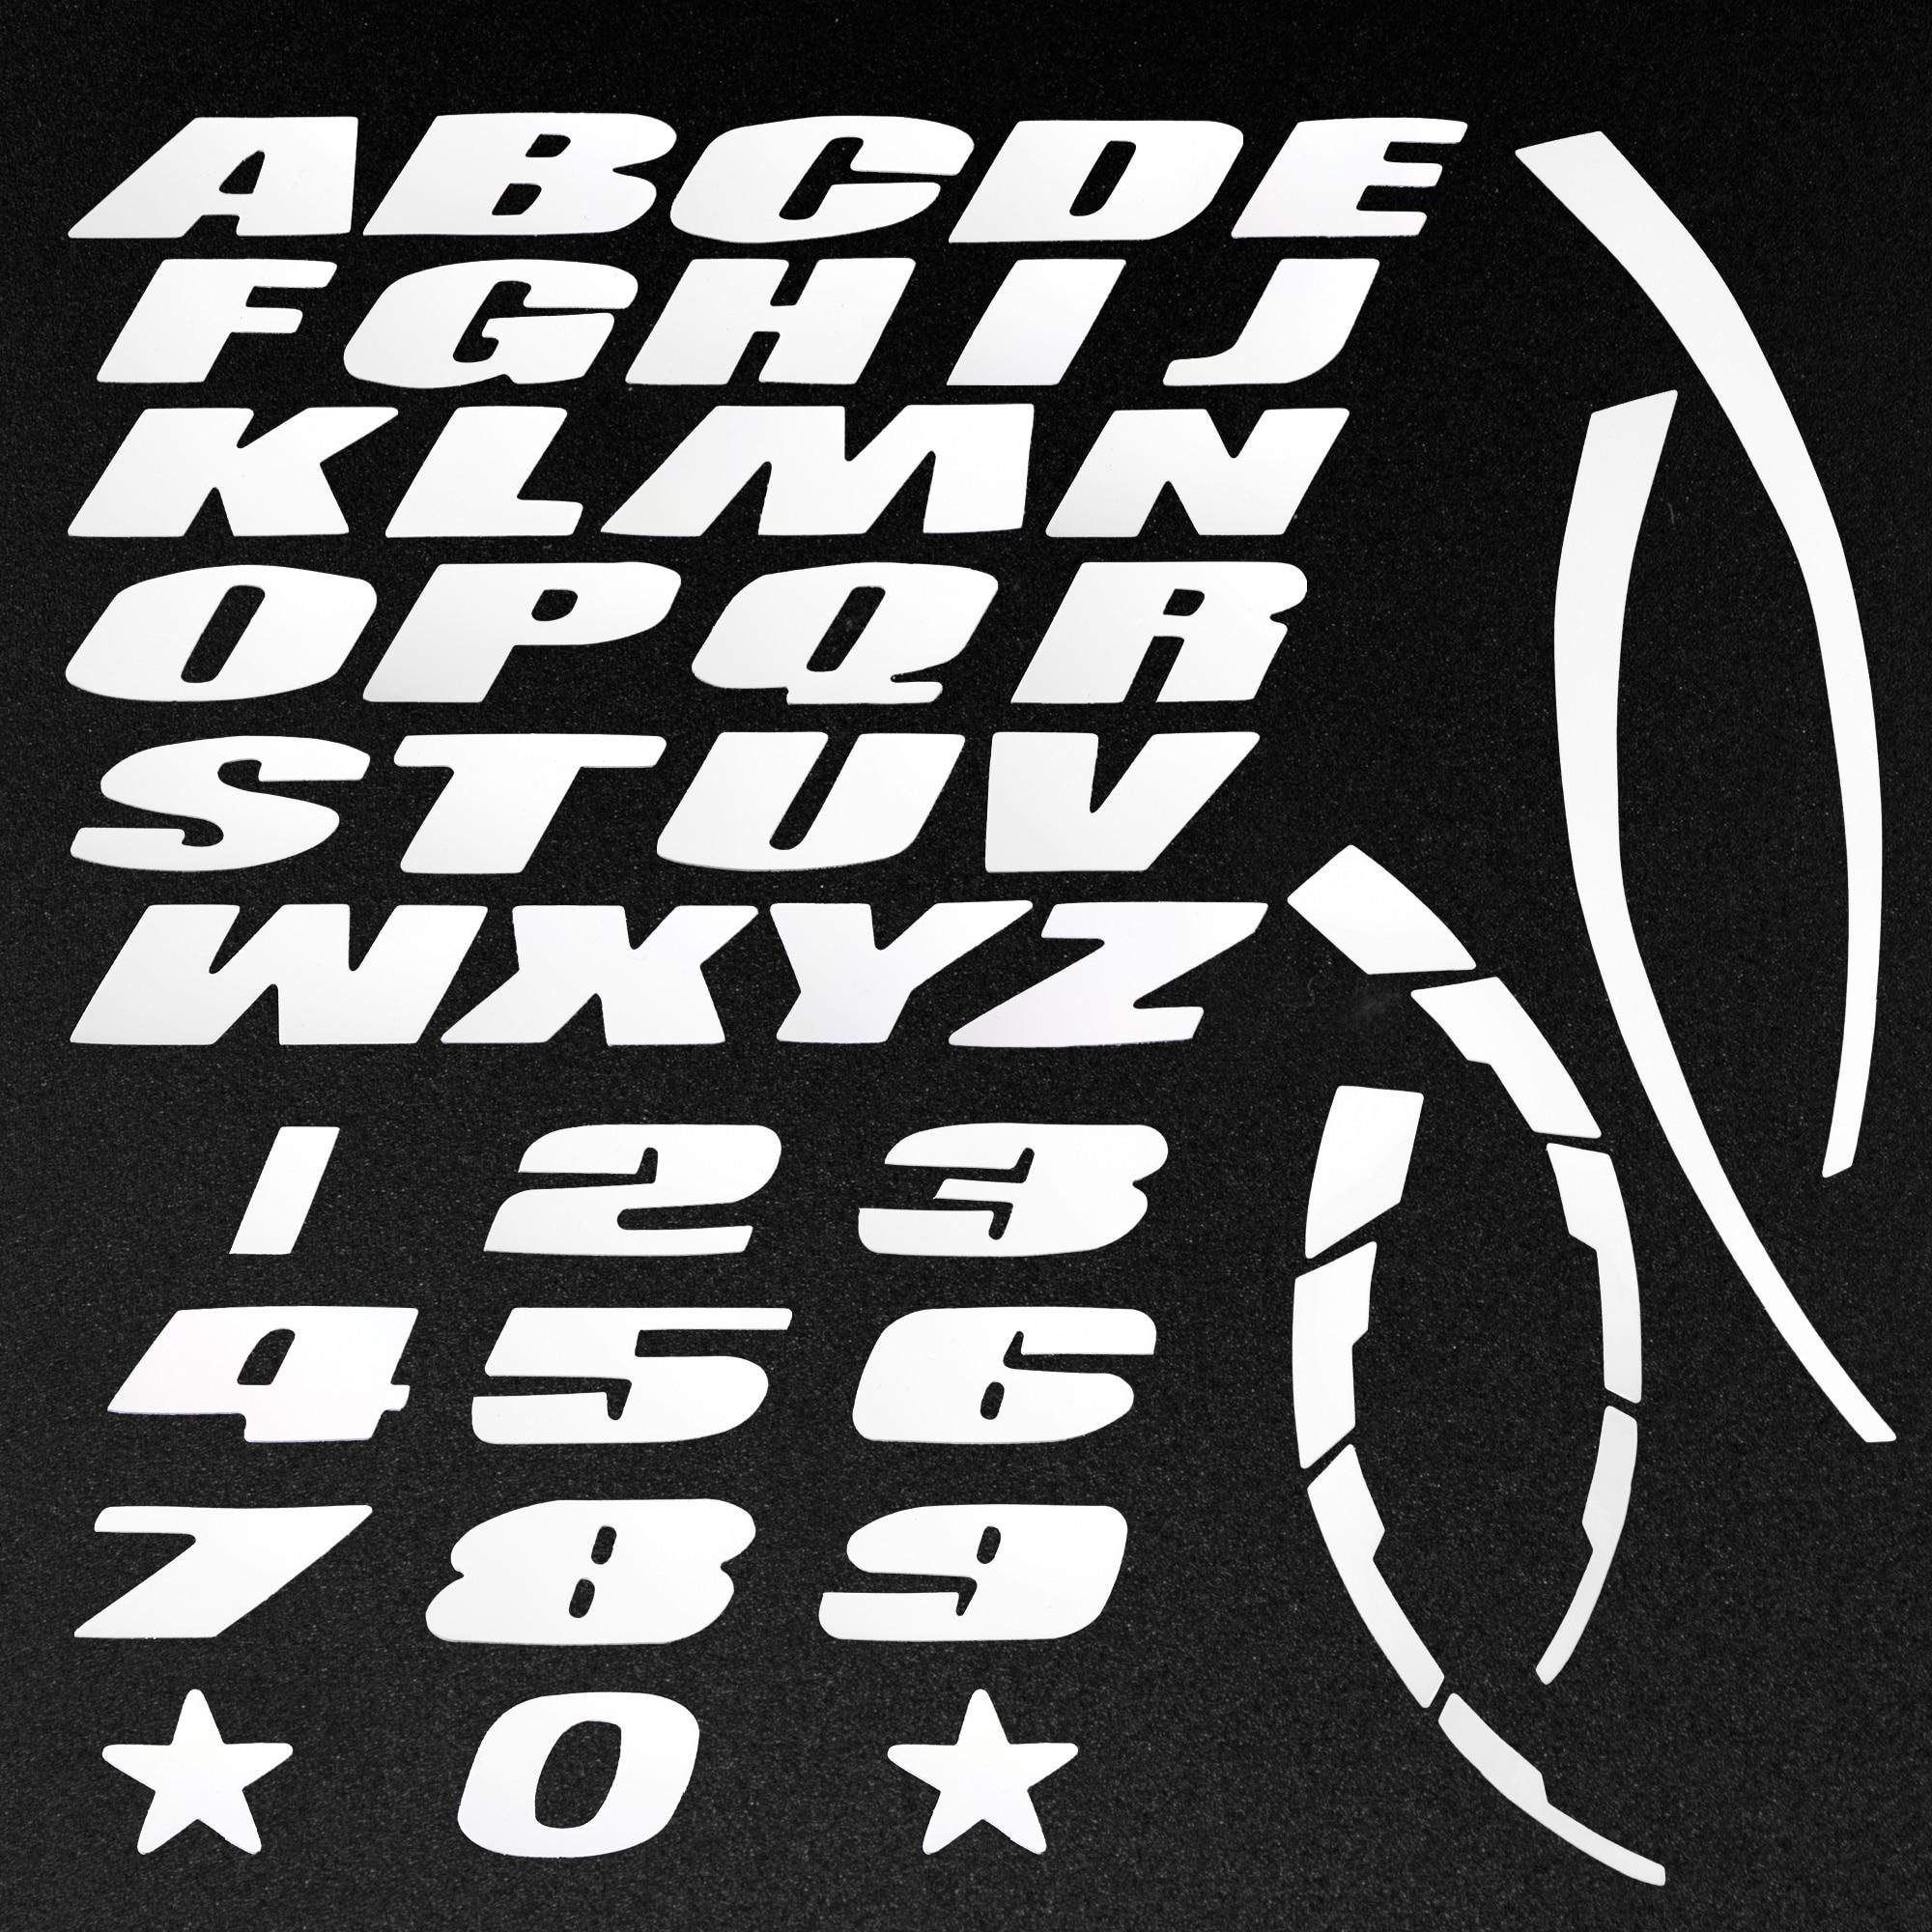 Универсальный стикер для автомобильных шин, 3D эмблема, наклейка на колеса мотоцикла, с буквенным номером, белый, красный, синий, желтый, оран...